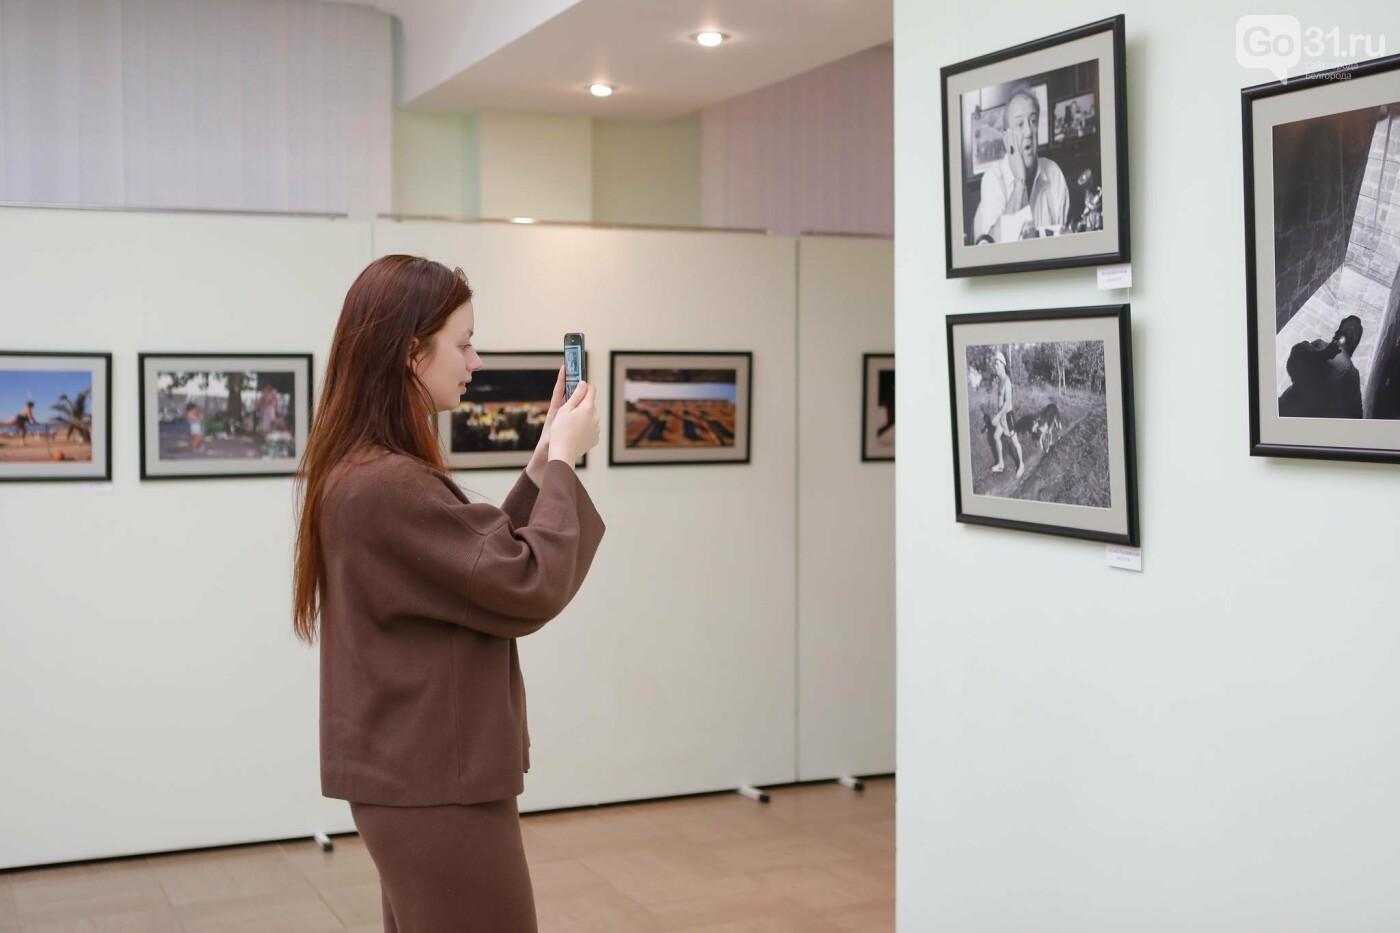 Фотограф Игорь Гаврилов: Когда кто-то видит узаконенную ложь, он начинает в неё верить, фото-1